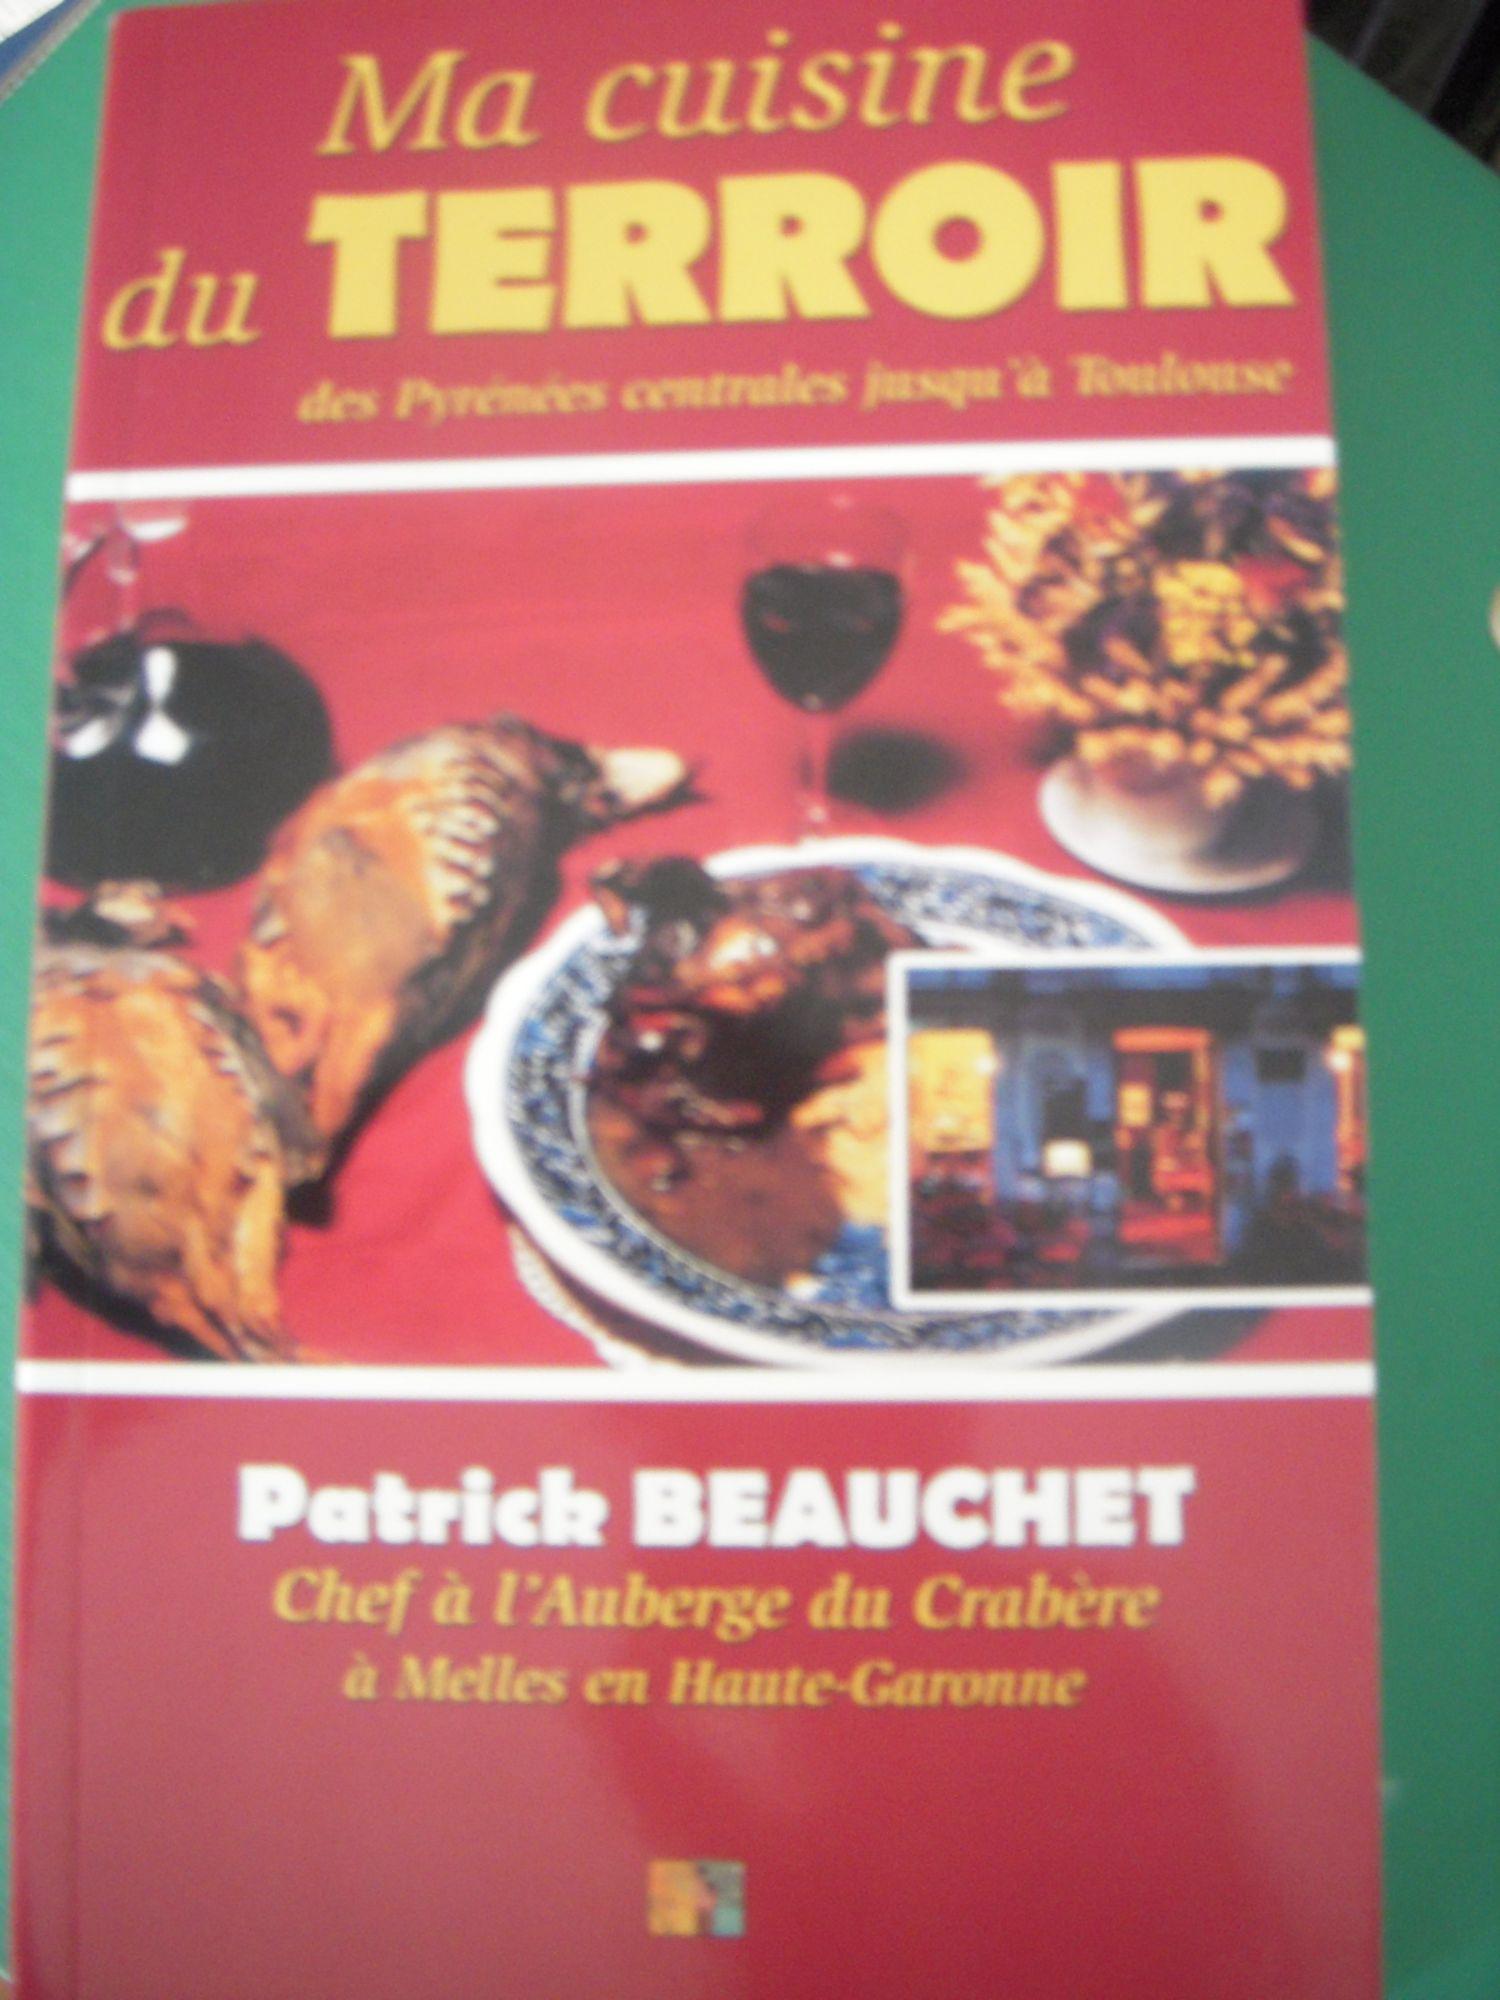 Ma cuisine du terroir - Du Comminges jusqu'à Toulouse